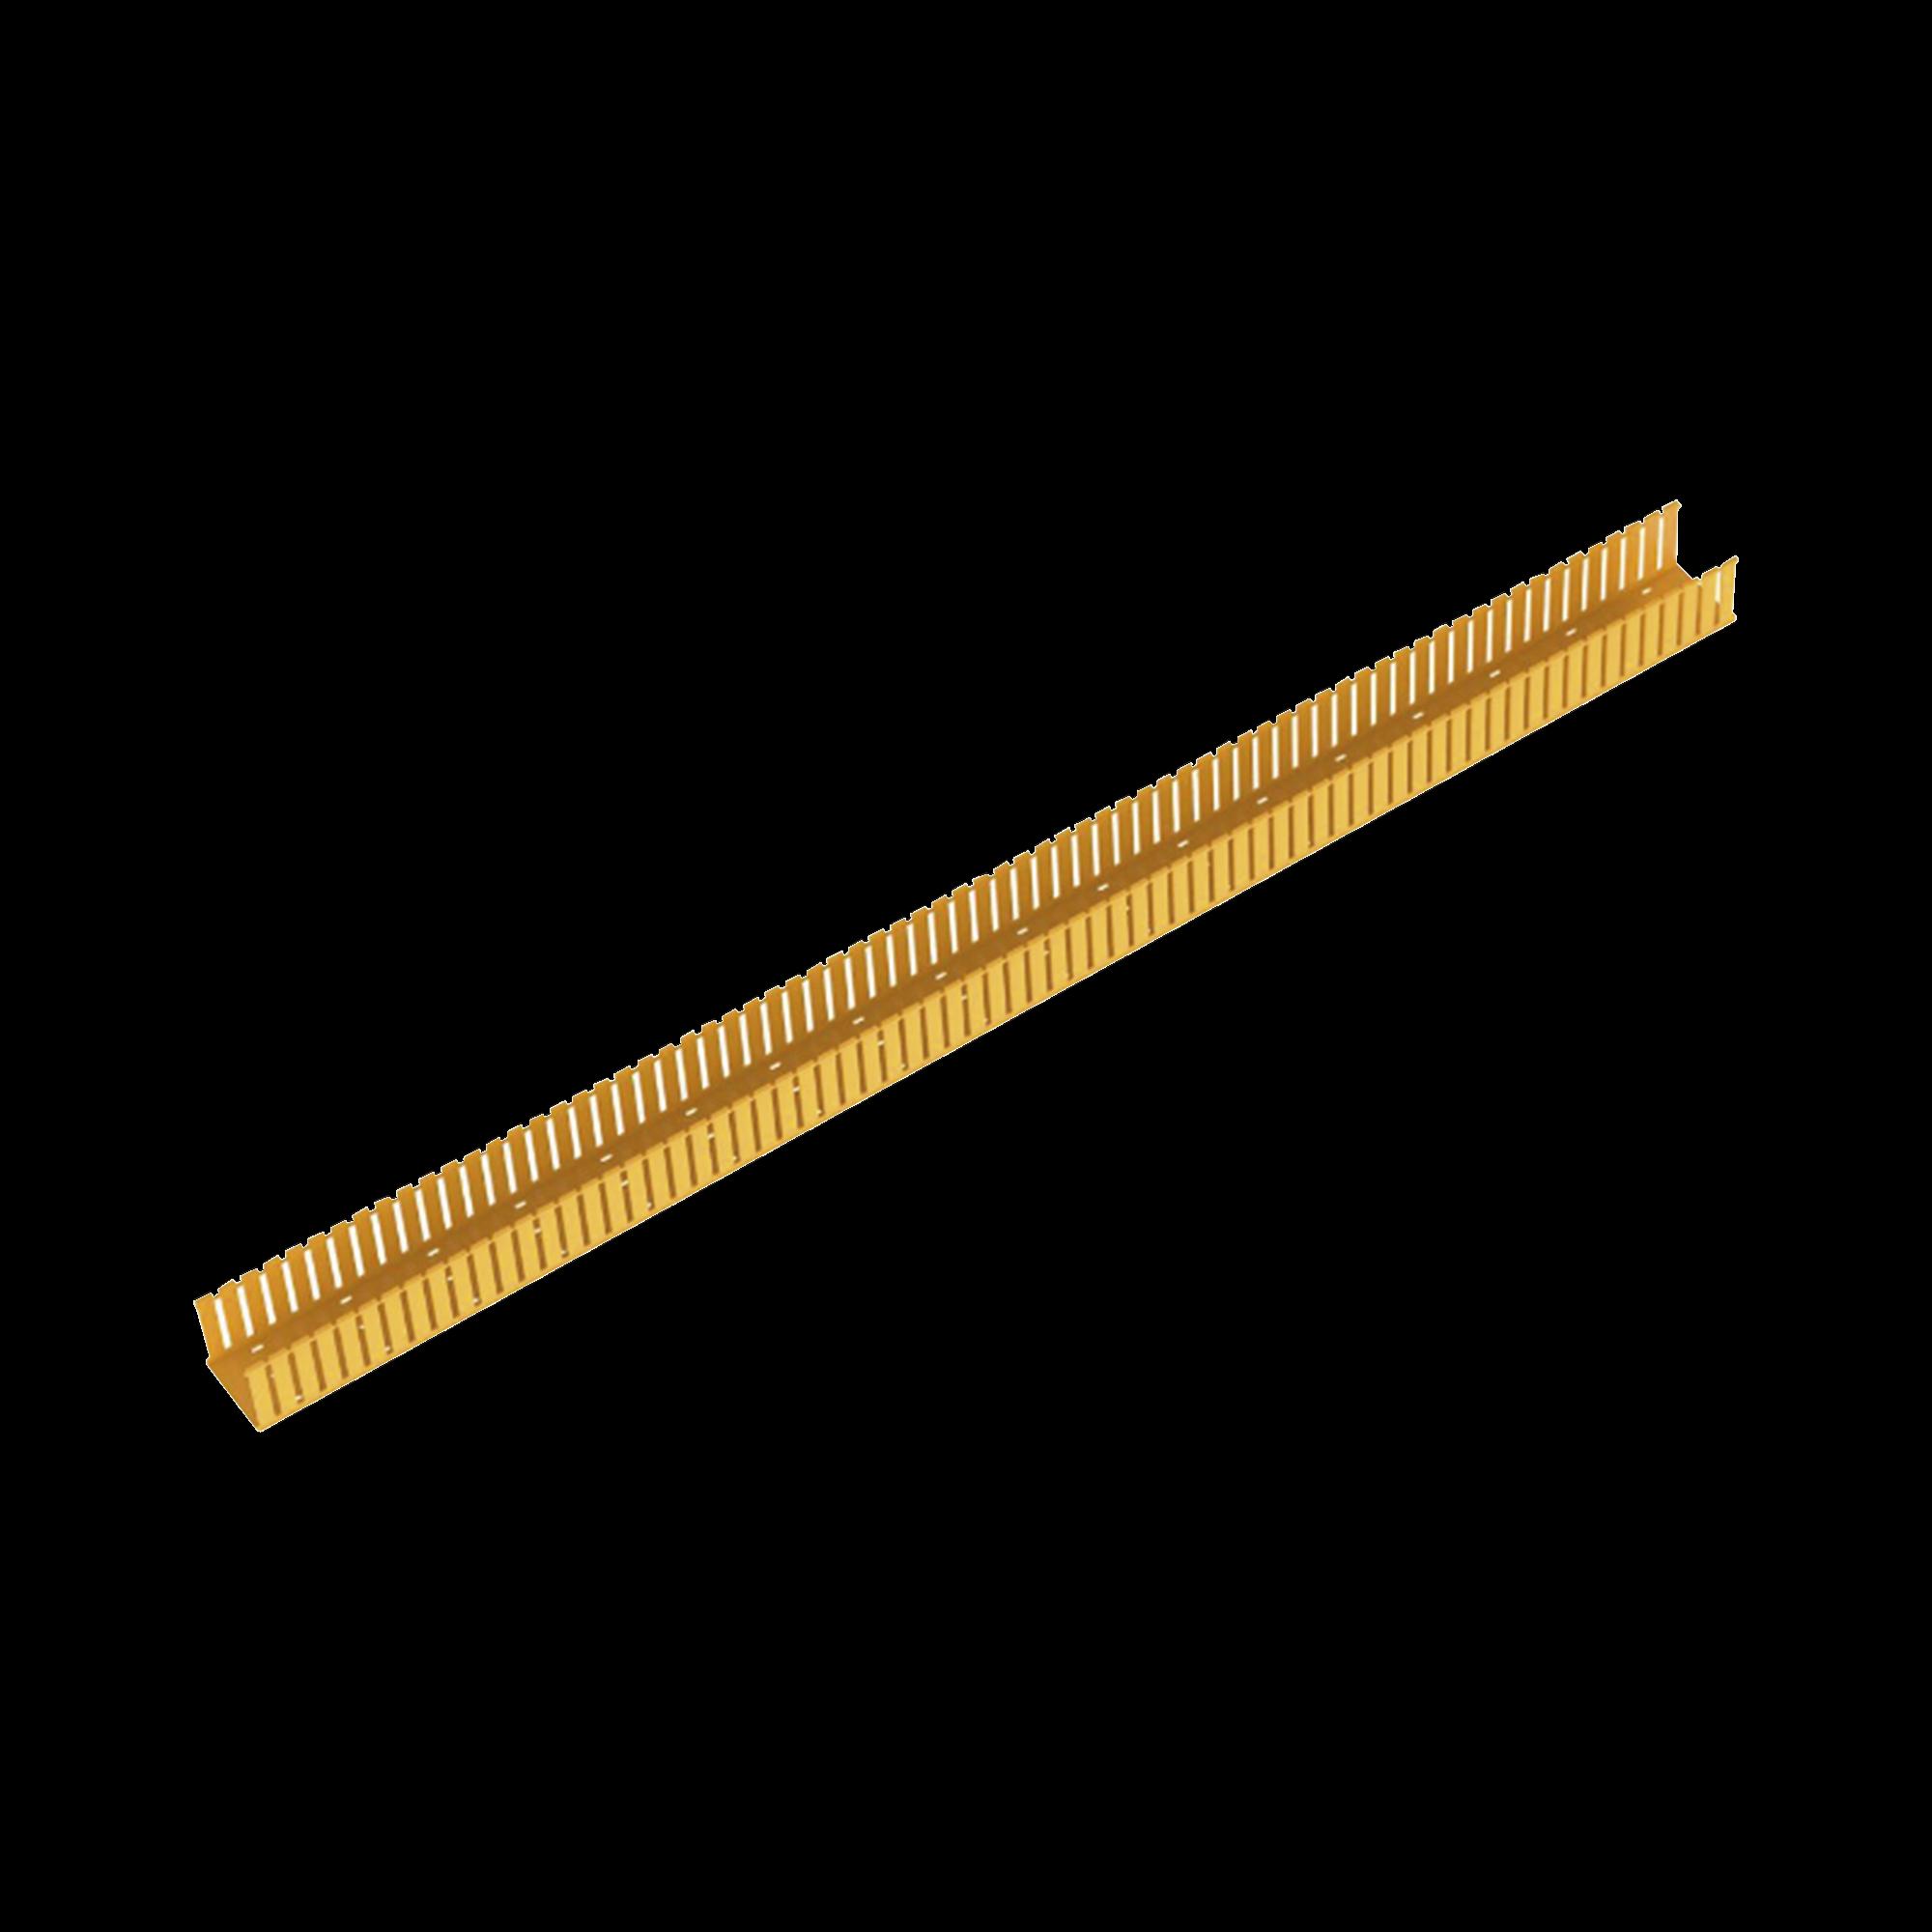 Canaleta Ranurada de PVC sin Tapa, Fiber-Duct?, 4 in de Ancho, 4 in de Alto y 1828.8 mm de Largo, Color Amarillo